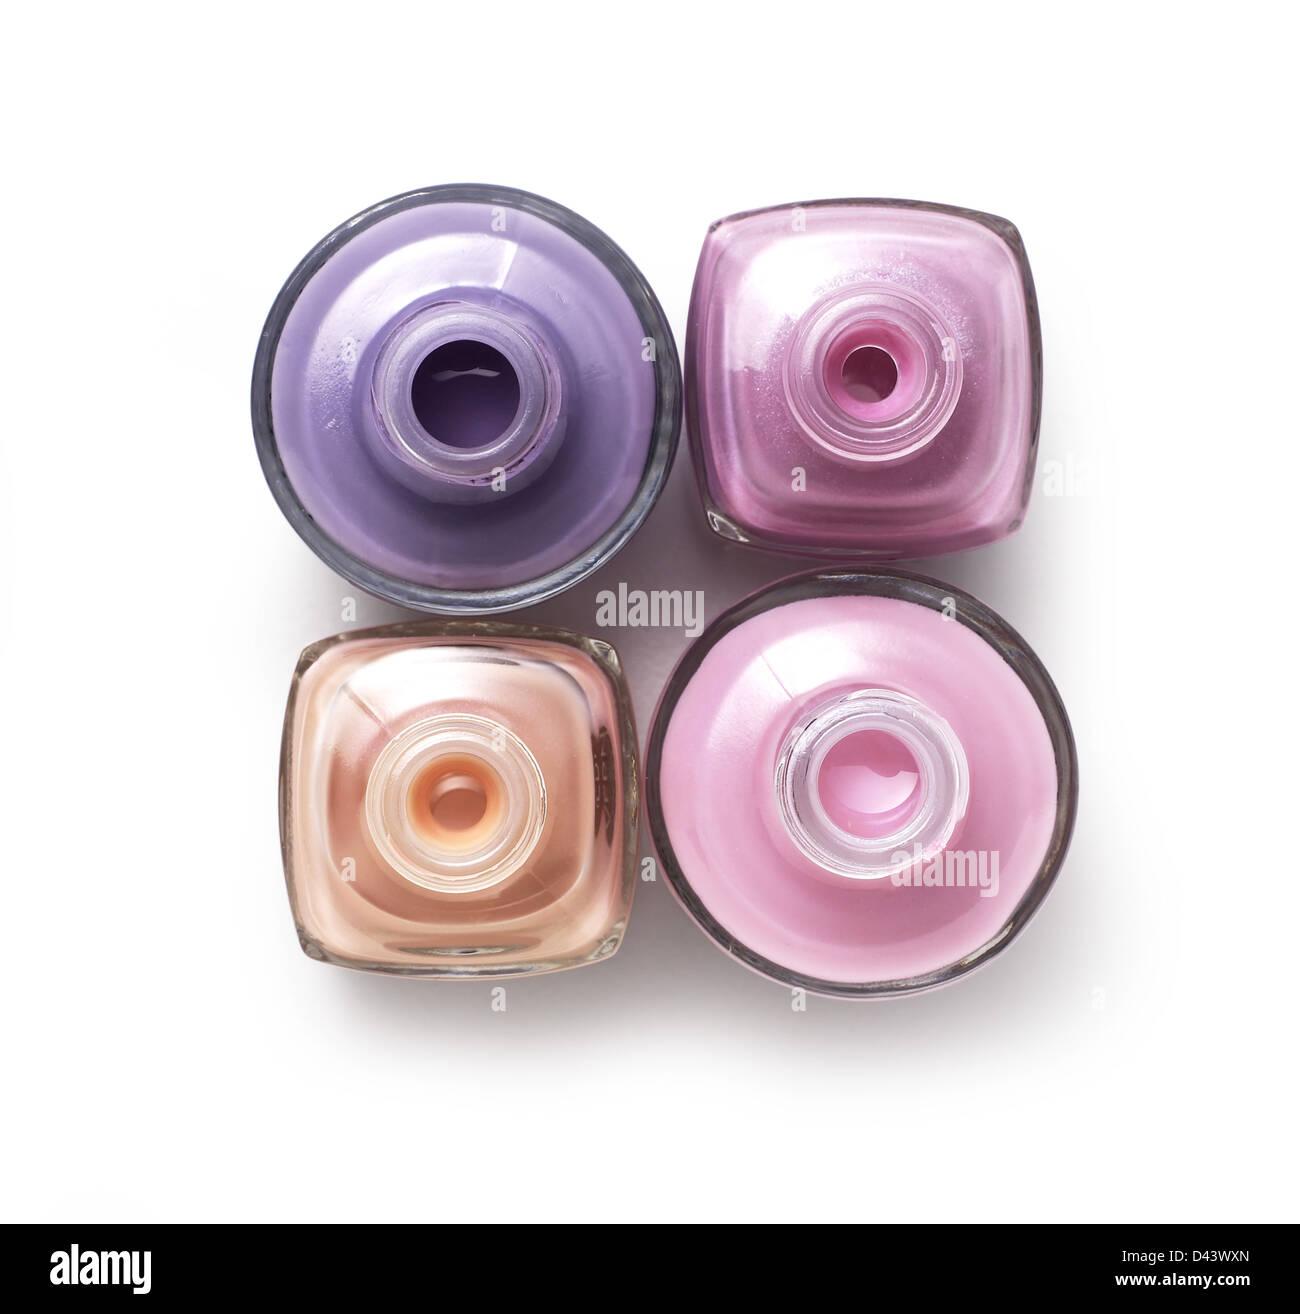 Groupe de quatre pots cosmétiques découper fond blanc Photo Stock